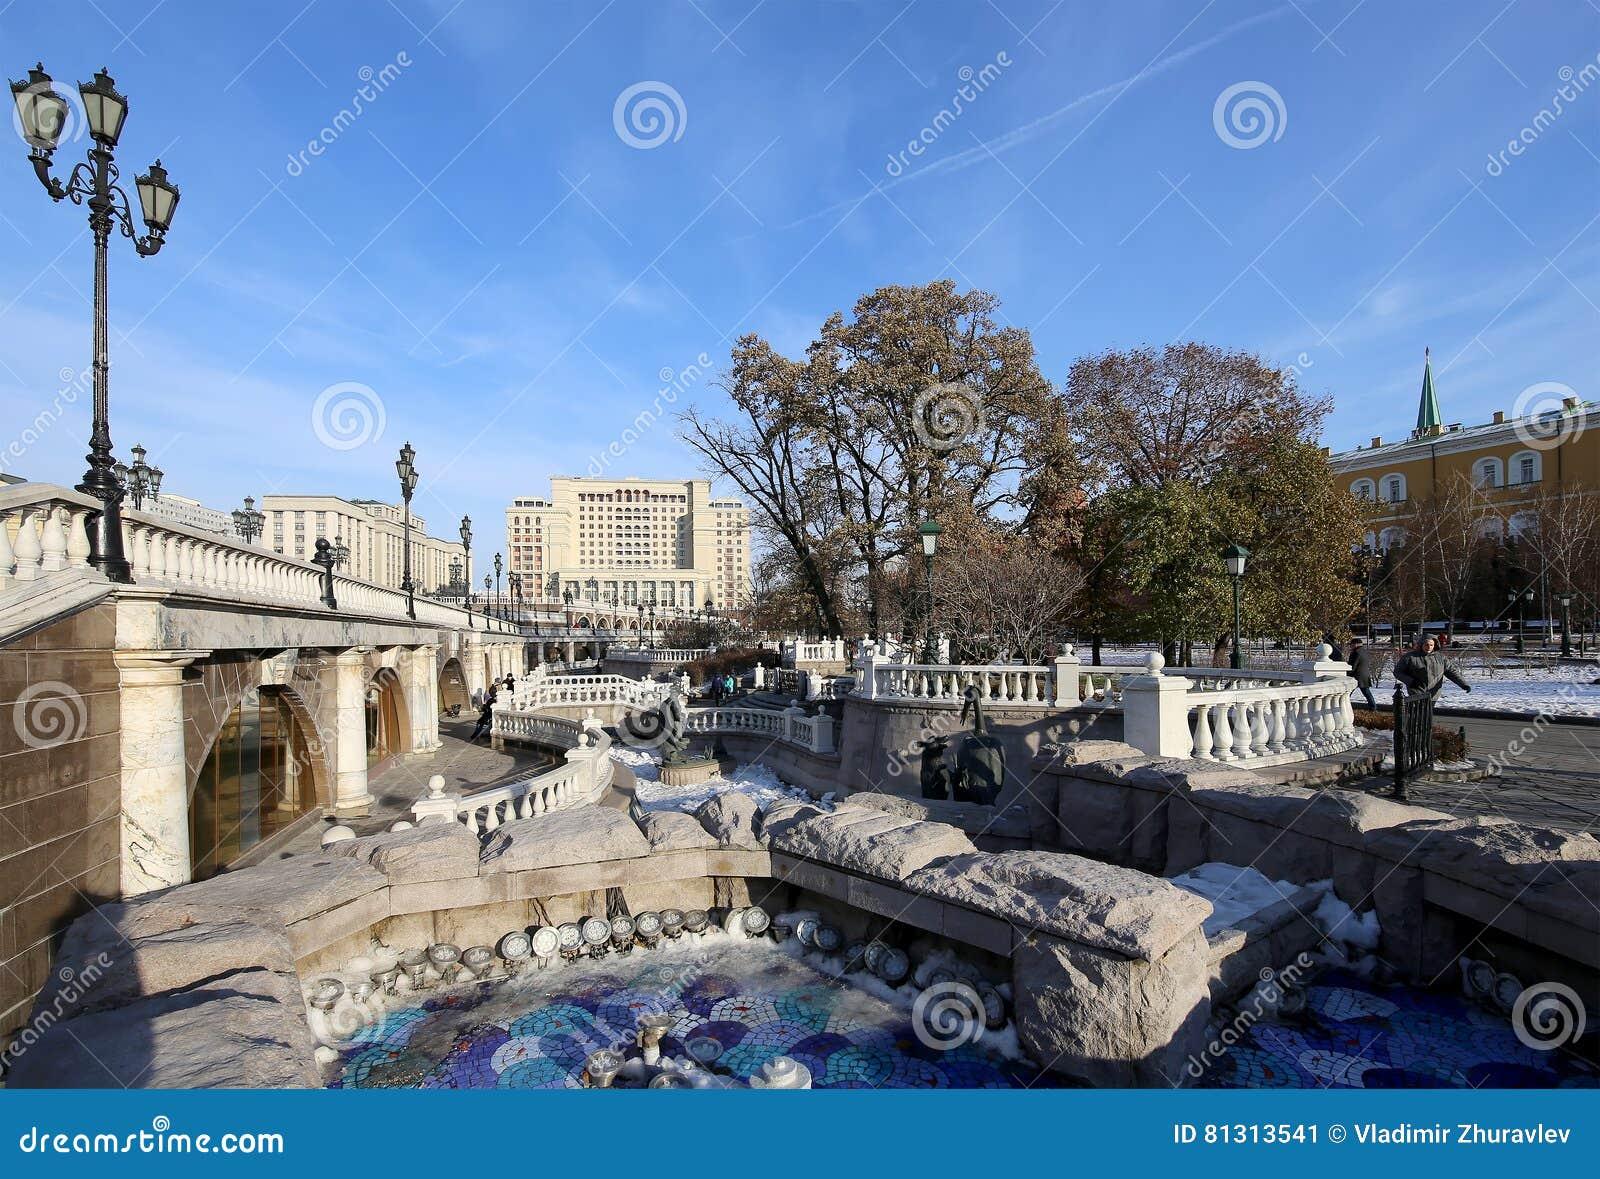 beautiful alexander garden near the ancient kremlin winter moscow